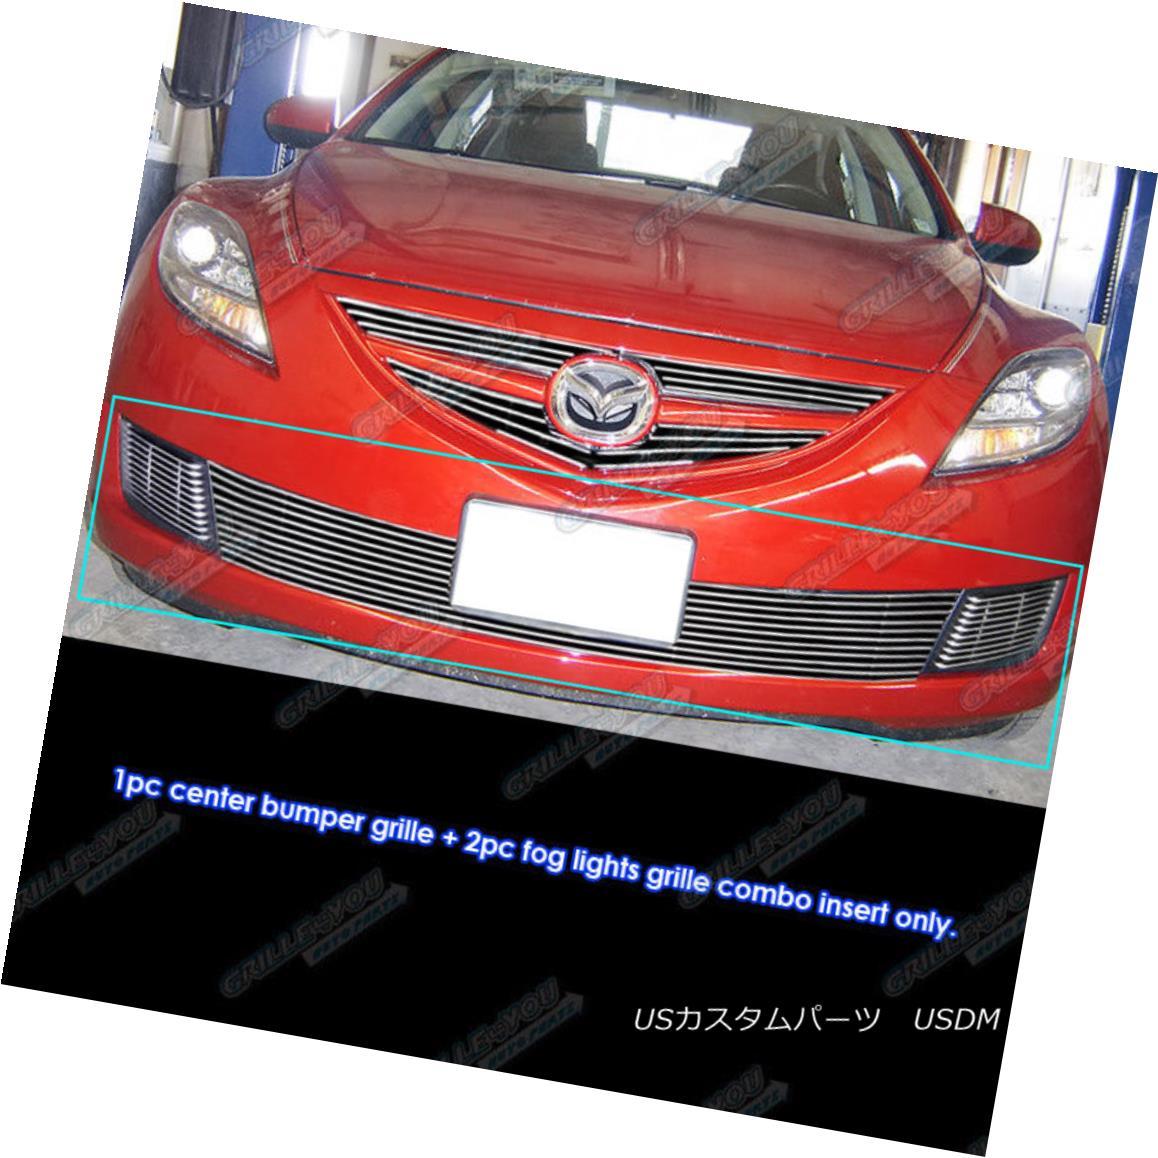 グリル Fits 2009-2010 Mazda 6 Bumper and Fog Light Billet Grille Combo フィット2009-2010マツダ6バンパーとフォグライトビレットグリルコンボ